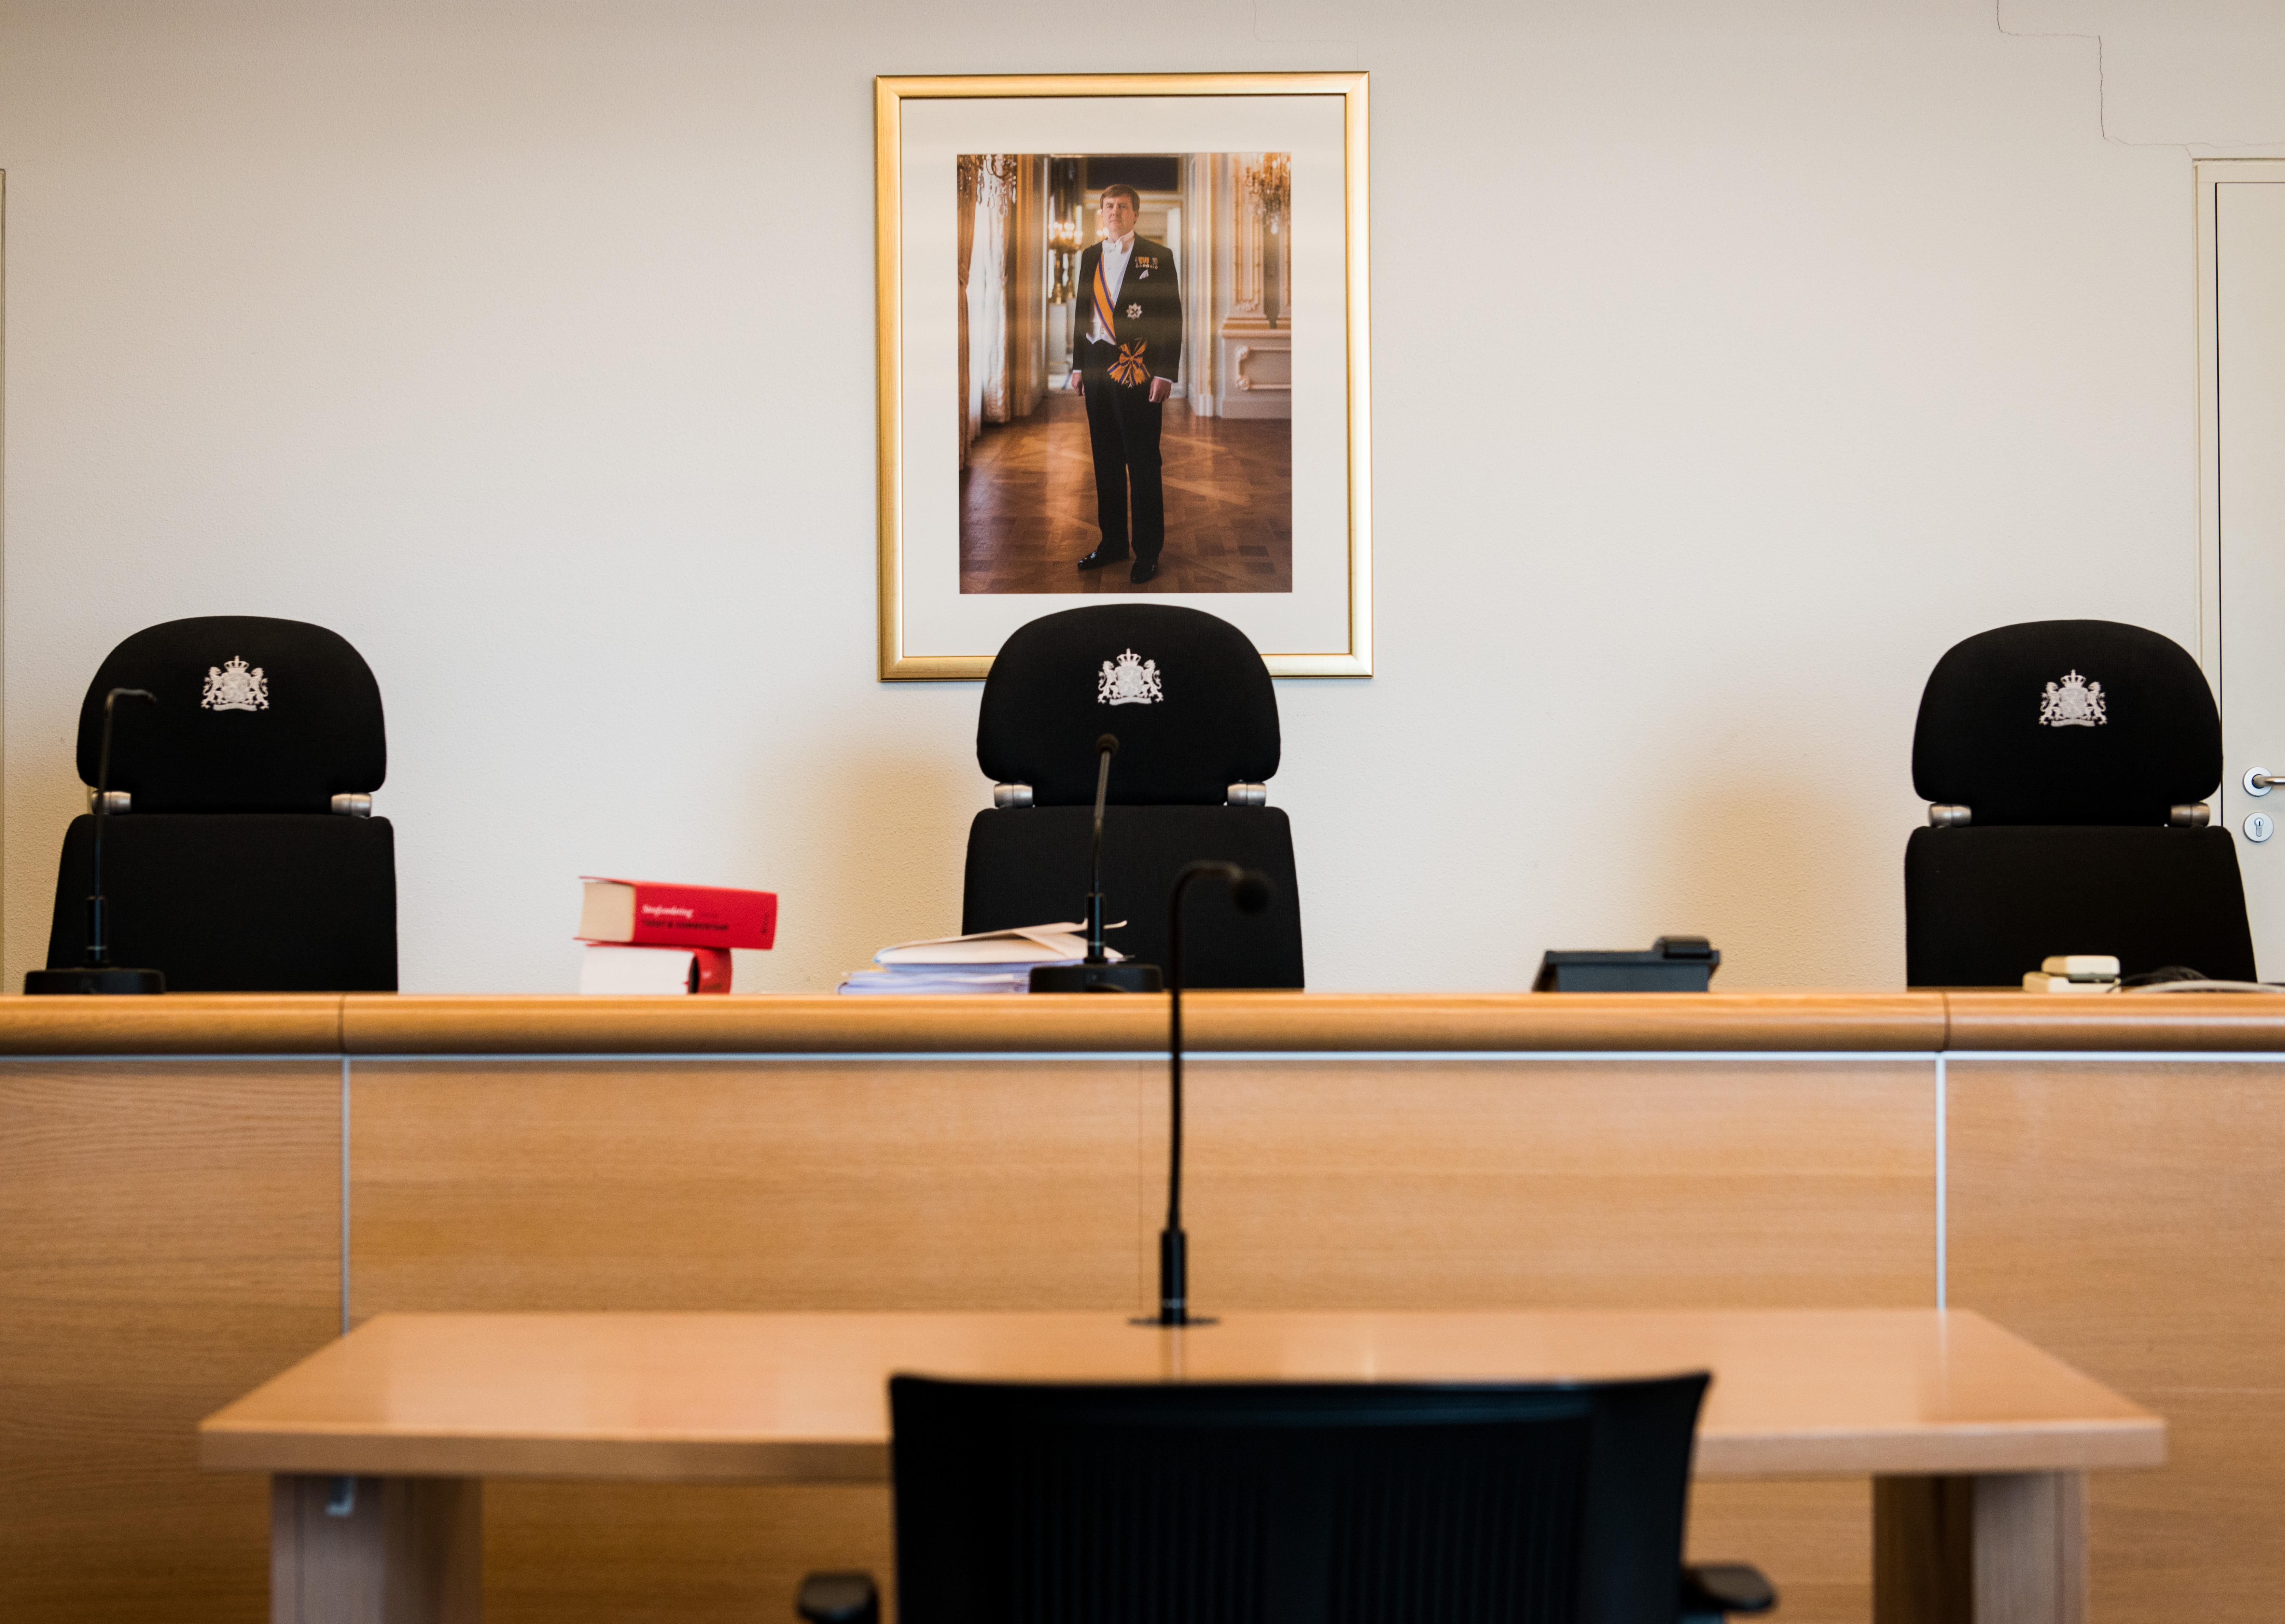 Op A4 aangehouden Haarlemmer in rechtbank: 'Als er bloedwraak dreigt, mag je in Albanië een wapen dragen'